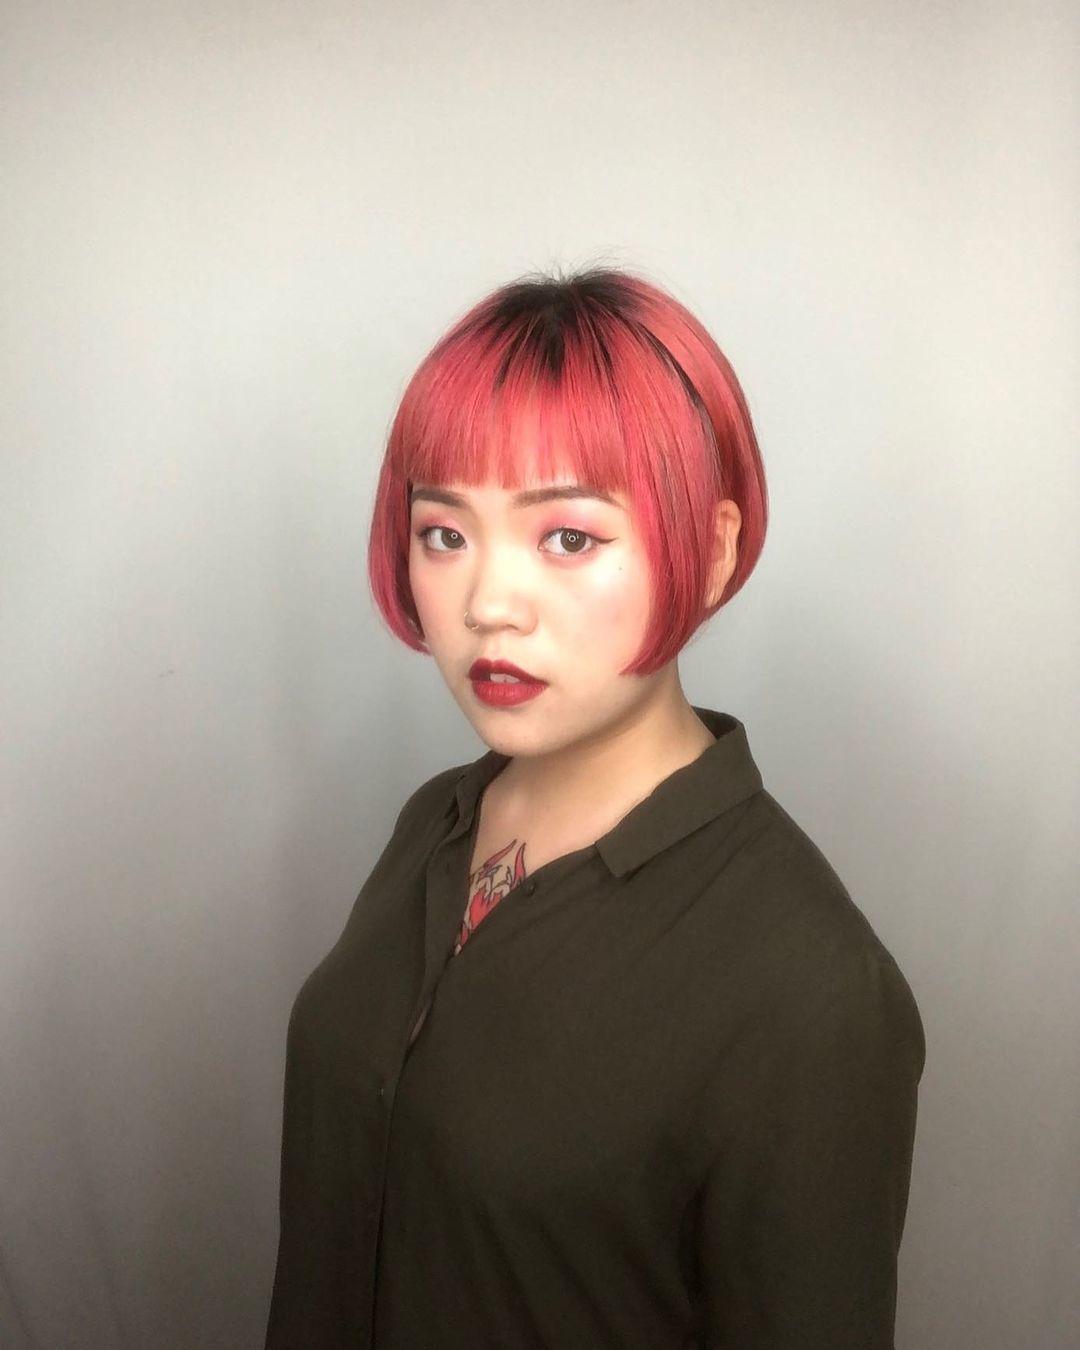 Ink Hair 設計師作品集-大勢短髮圖鑑|現在短髮美女才是王道,5款熱門短髮造型推薦,大勢短髮女生造型五:日系圓短髮